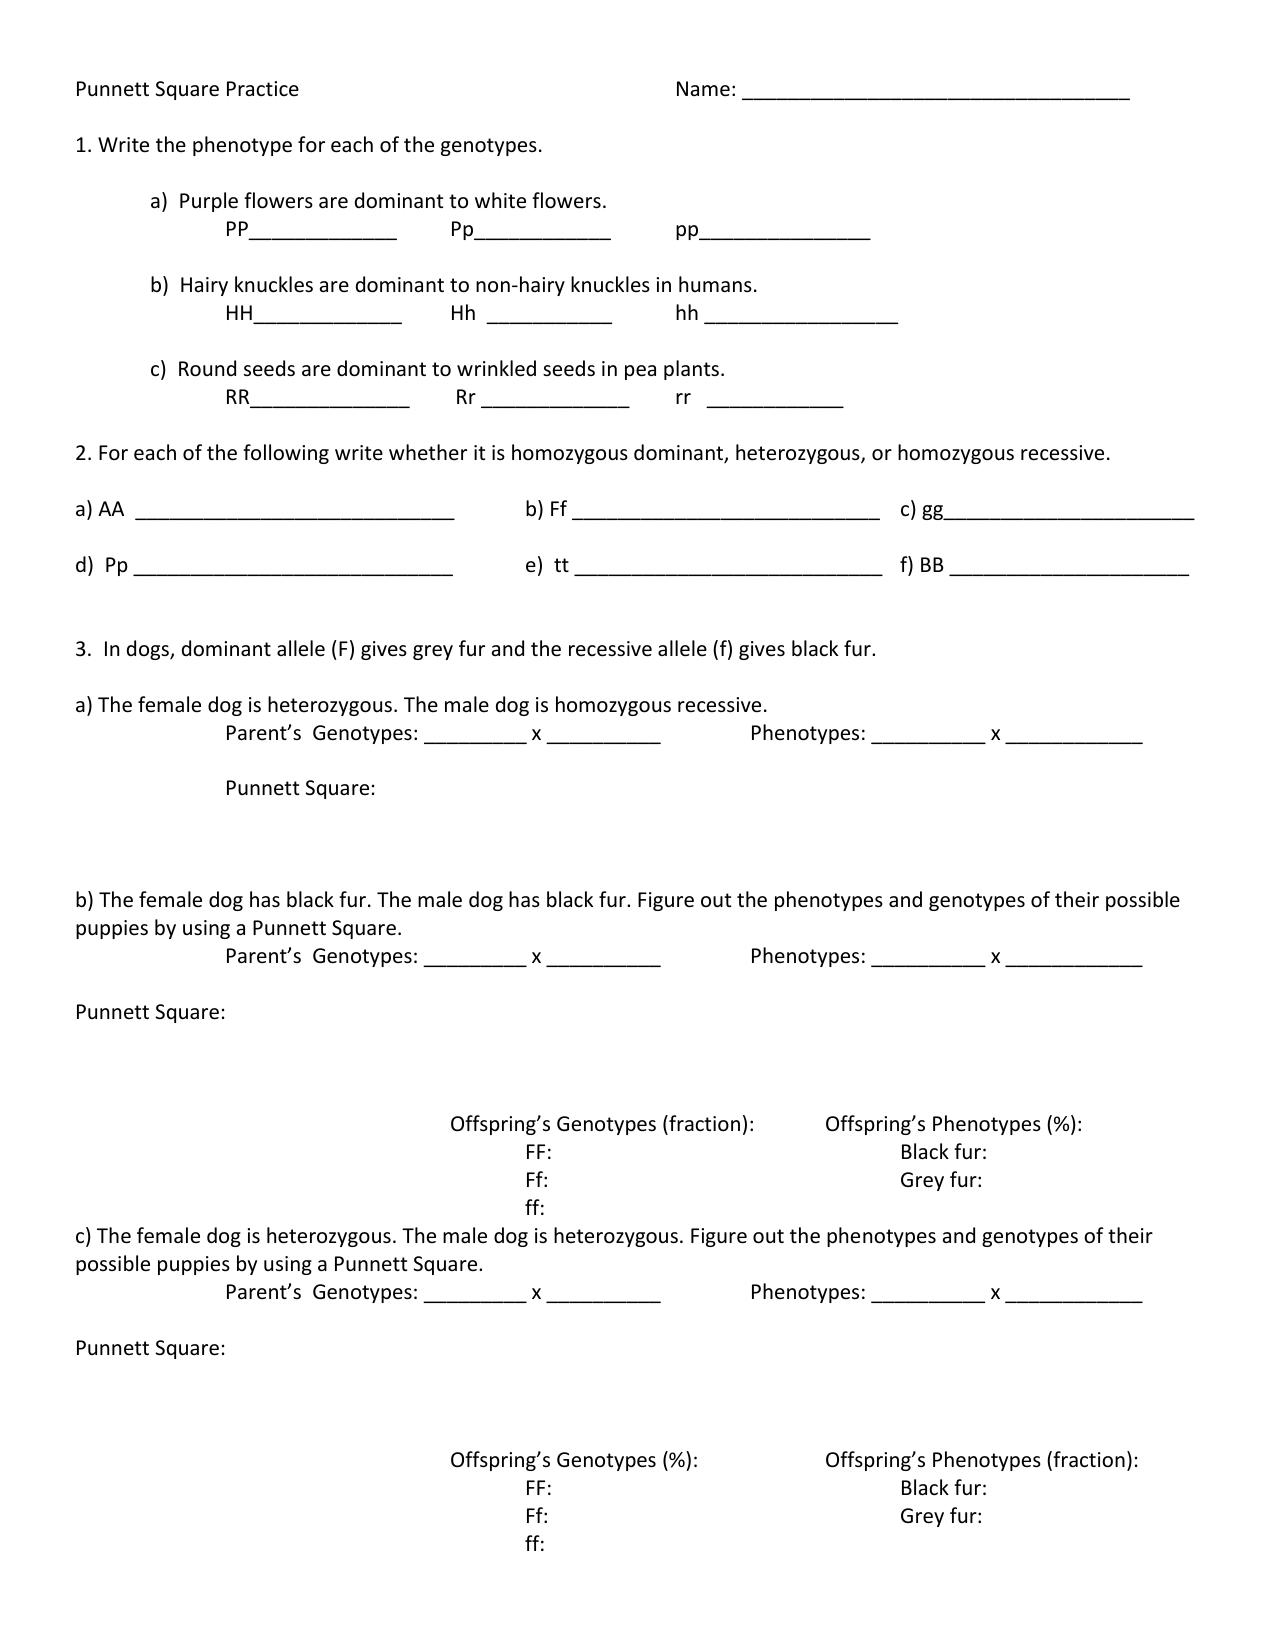 worksheet Punnett Square Practice Worksheet Answers punnett square practice worksheet